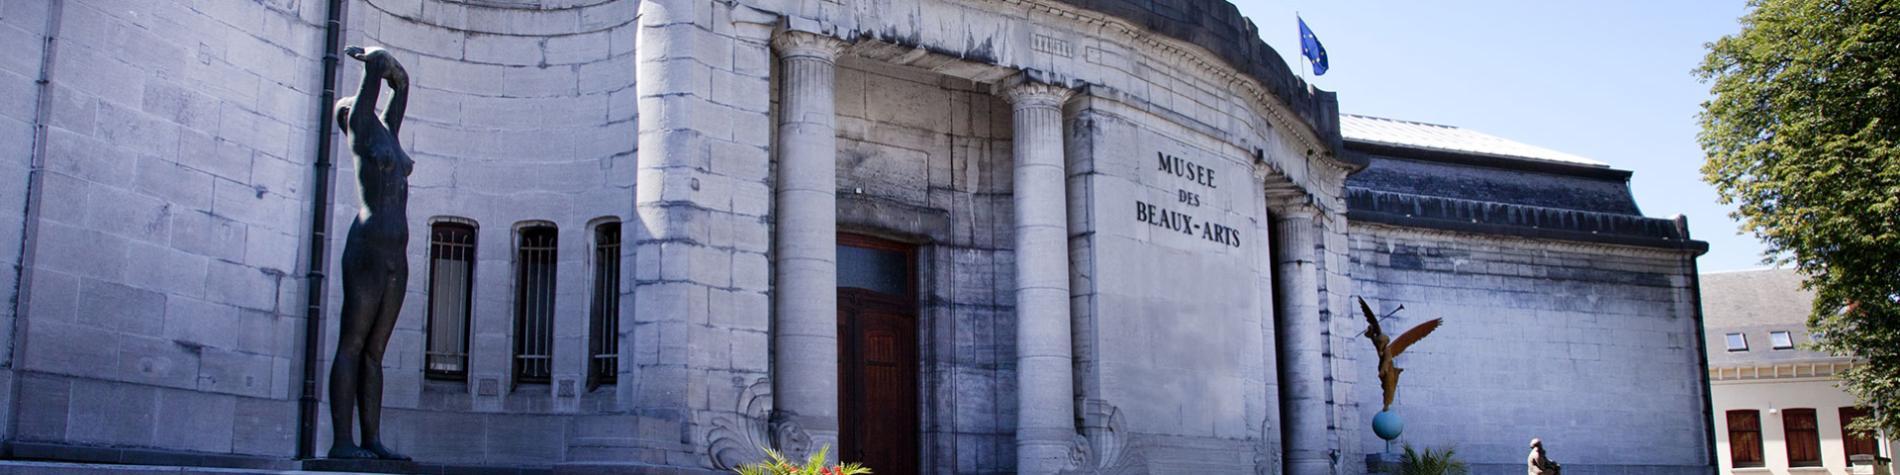 Musée - Beaux-Arts - Tournai -façade